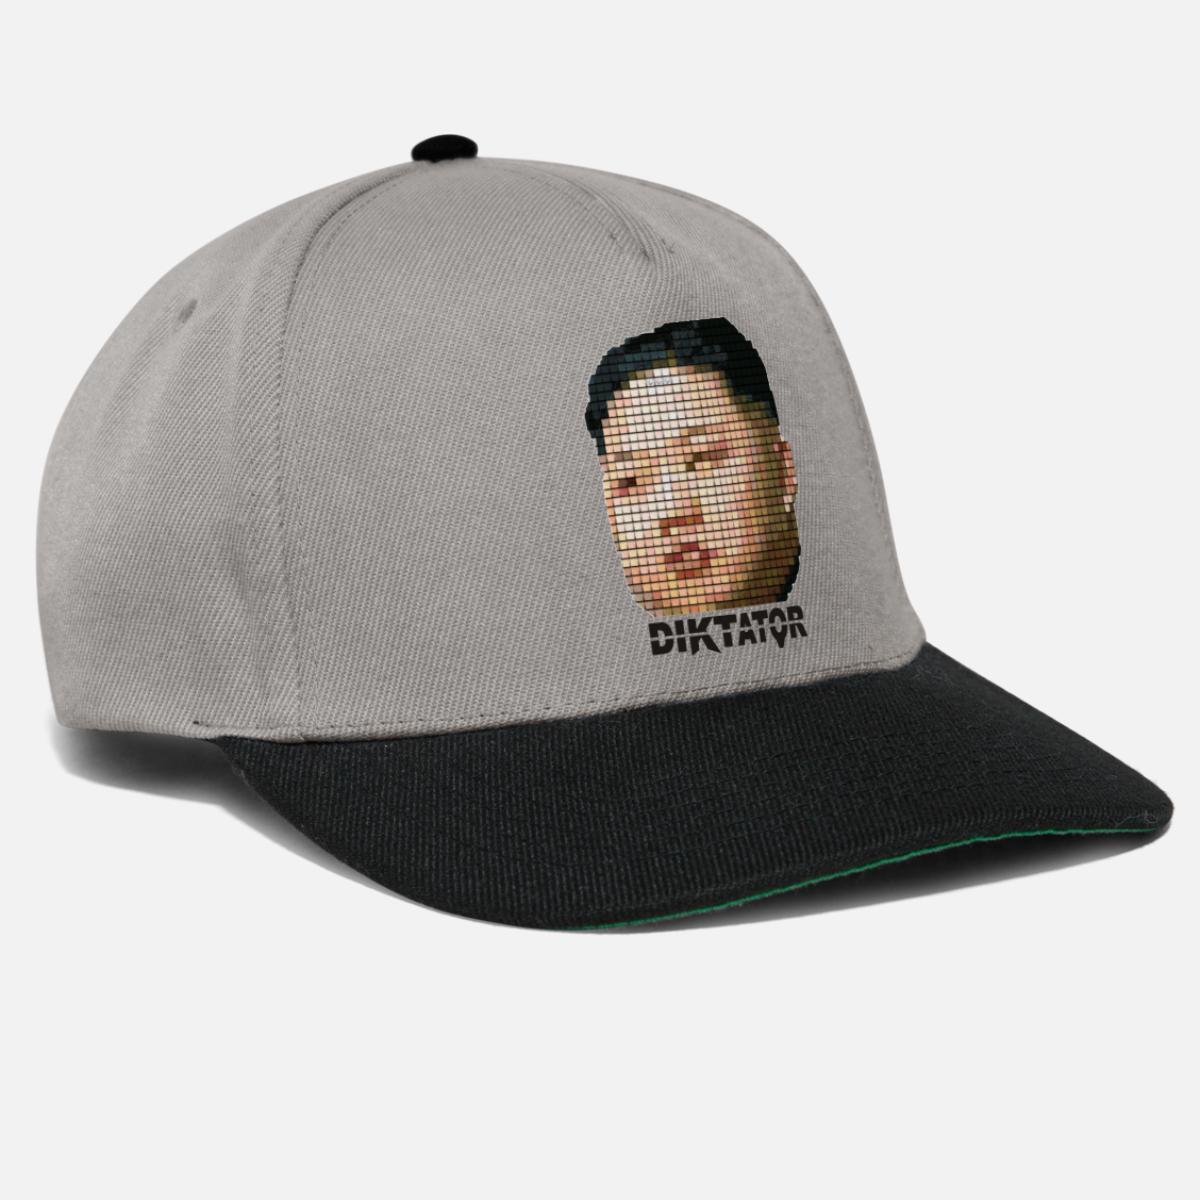 dictator Snapback Cap  709625fecb3